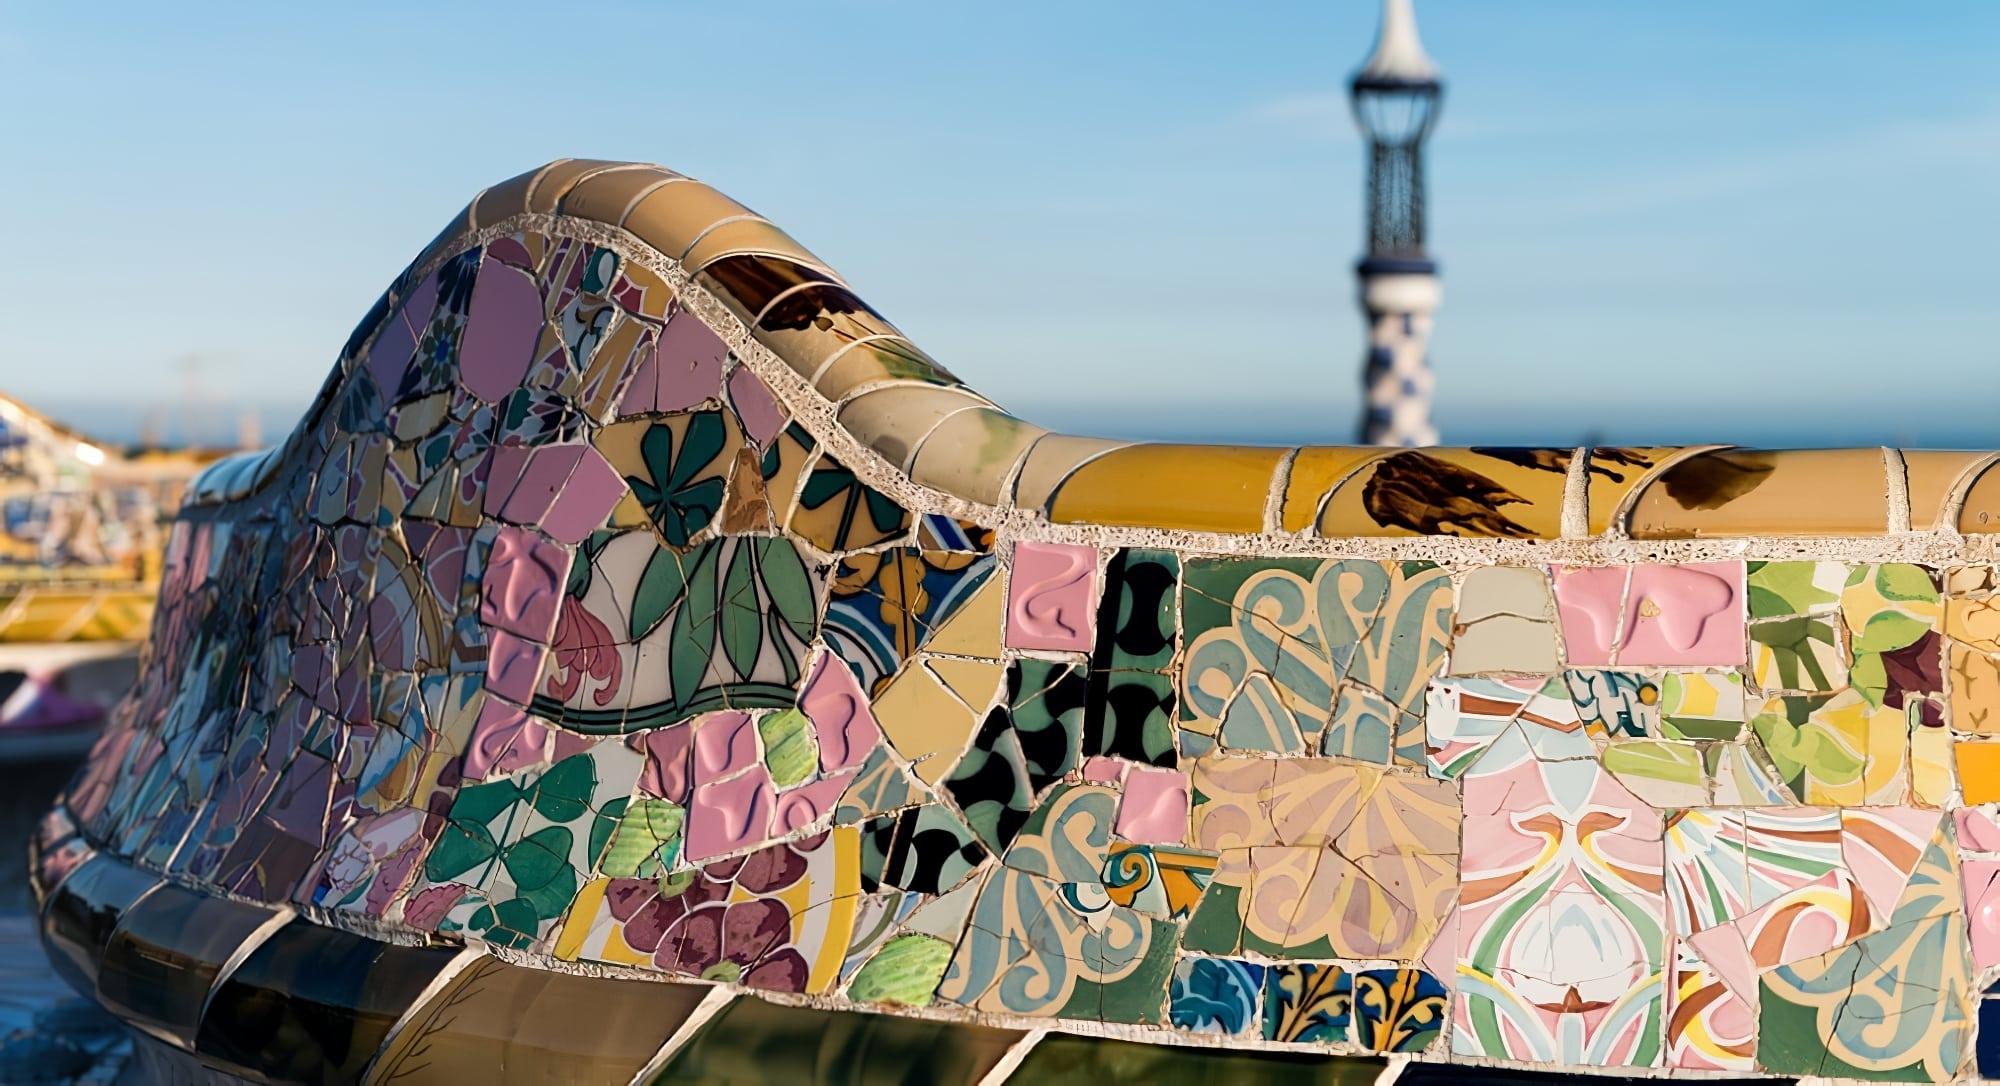 Visiter le Parc Gell lemblmatique monument de Barcelone